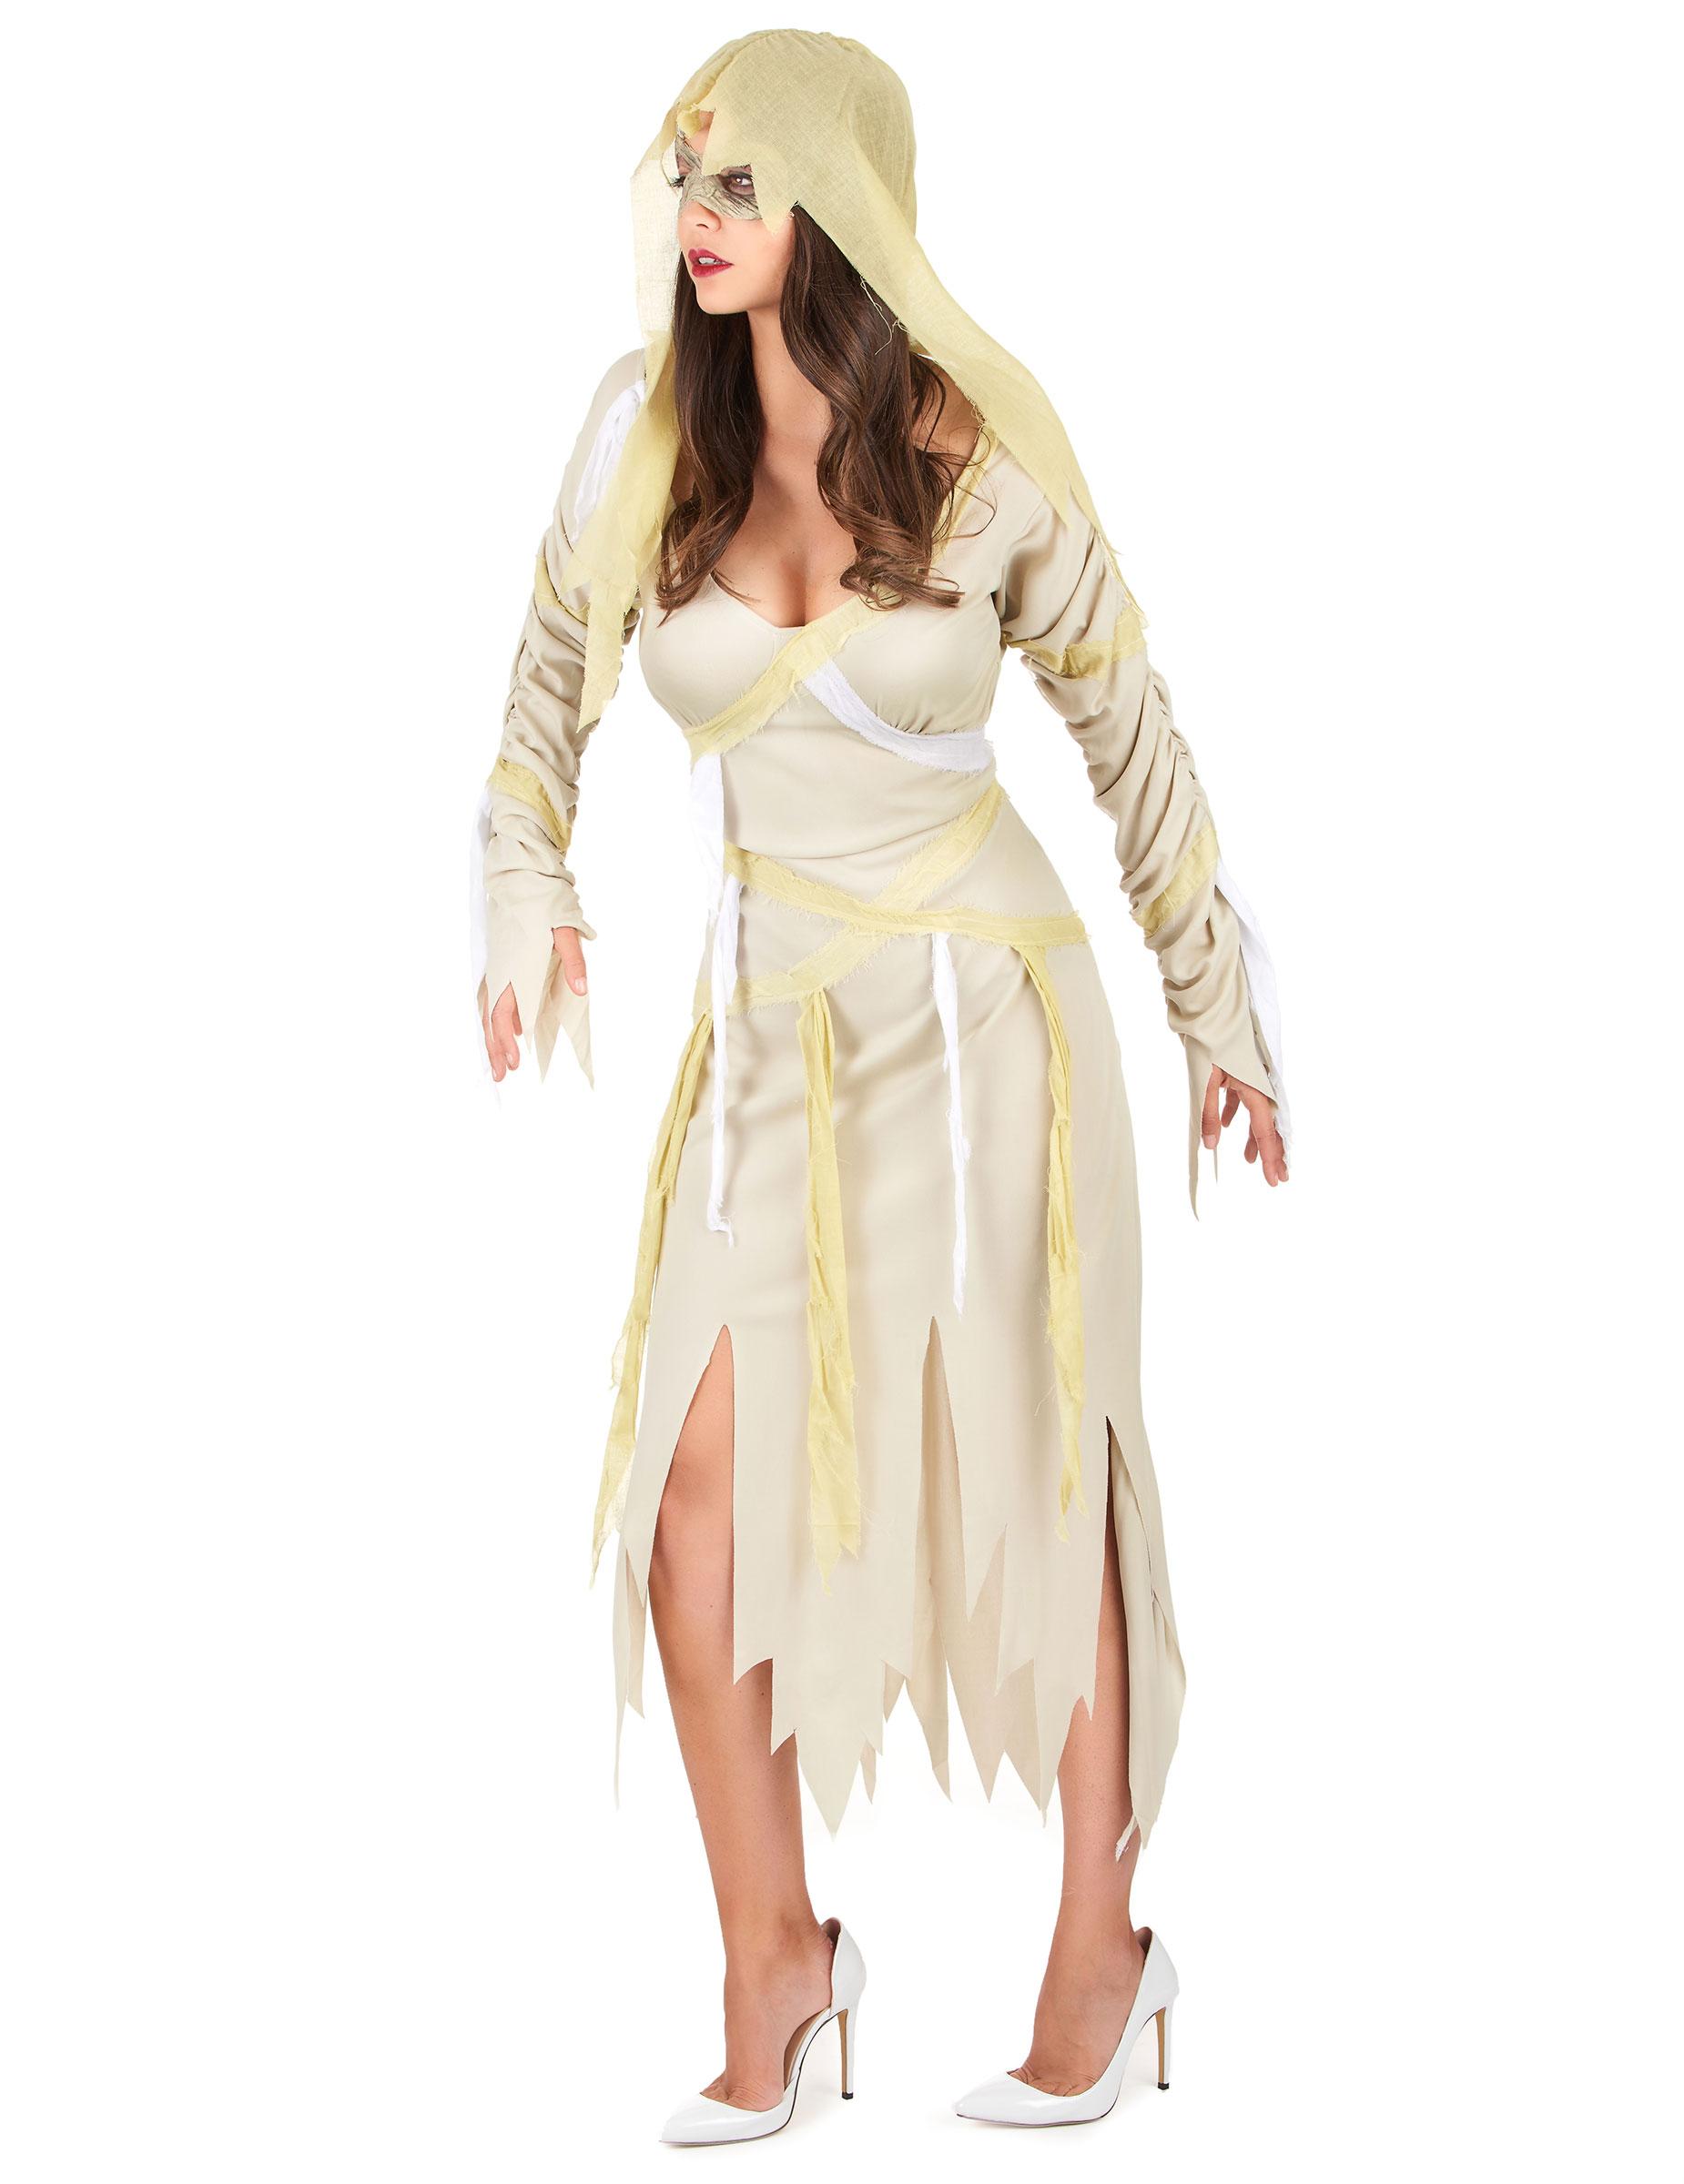 d972dee10748 Costume da mummia per Halloween da donna su VegaooParty, negozio di ...